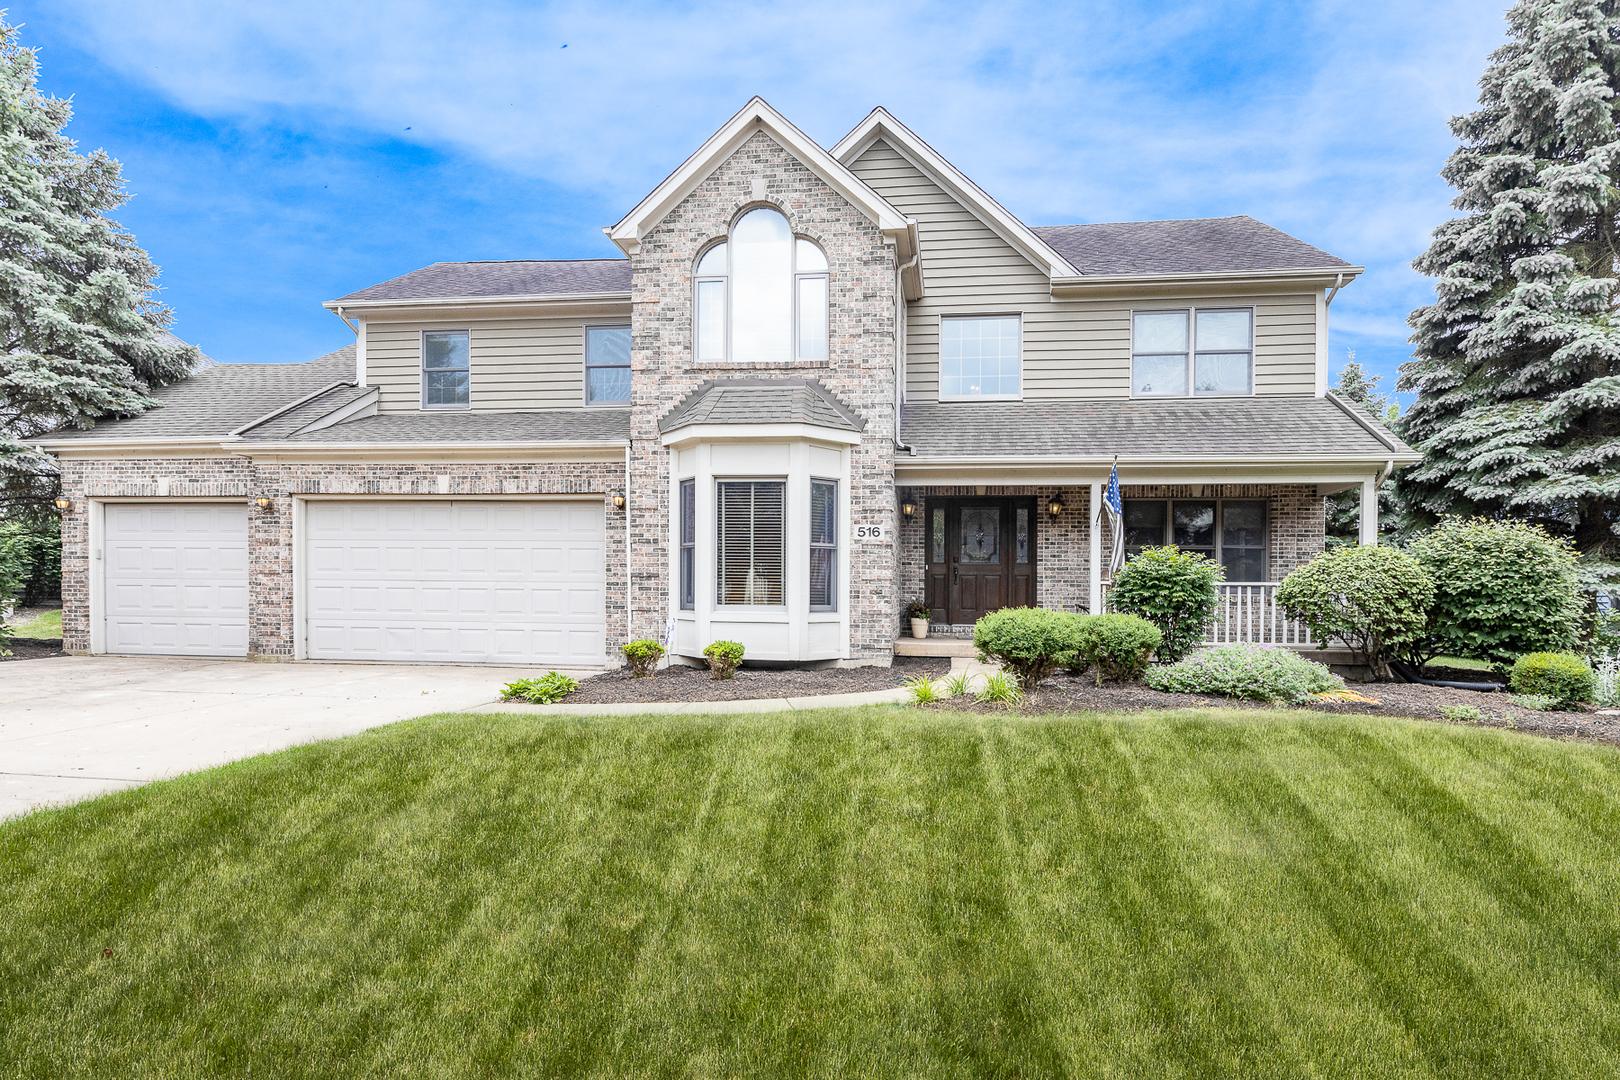 516  Ridgelawn,  Batavia, Illinois